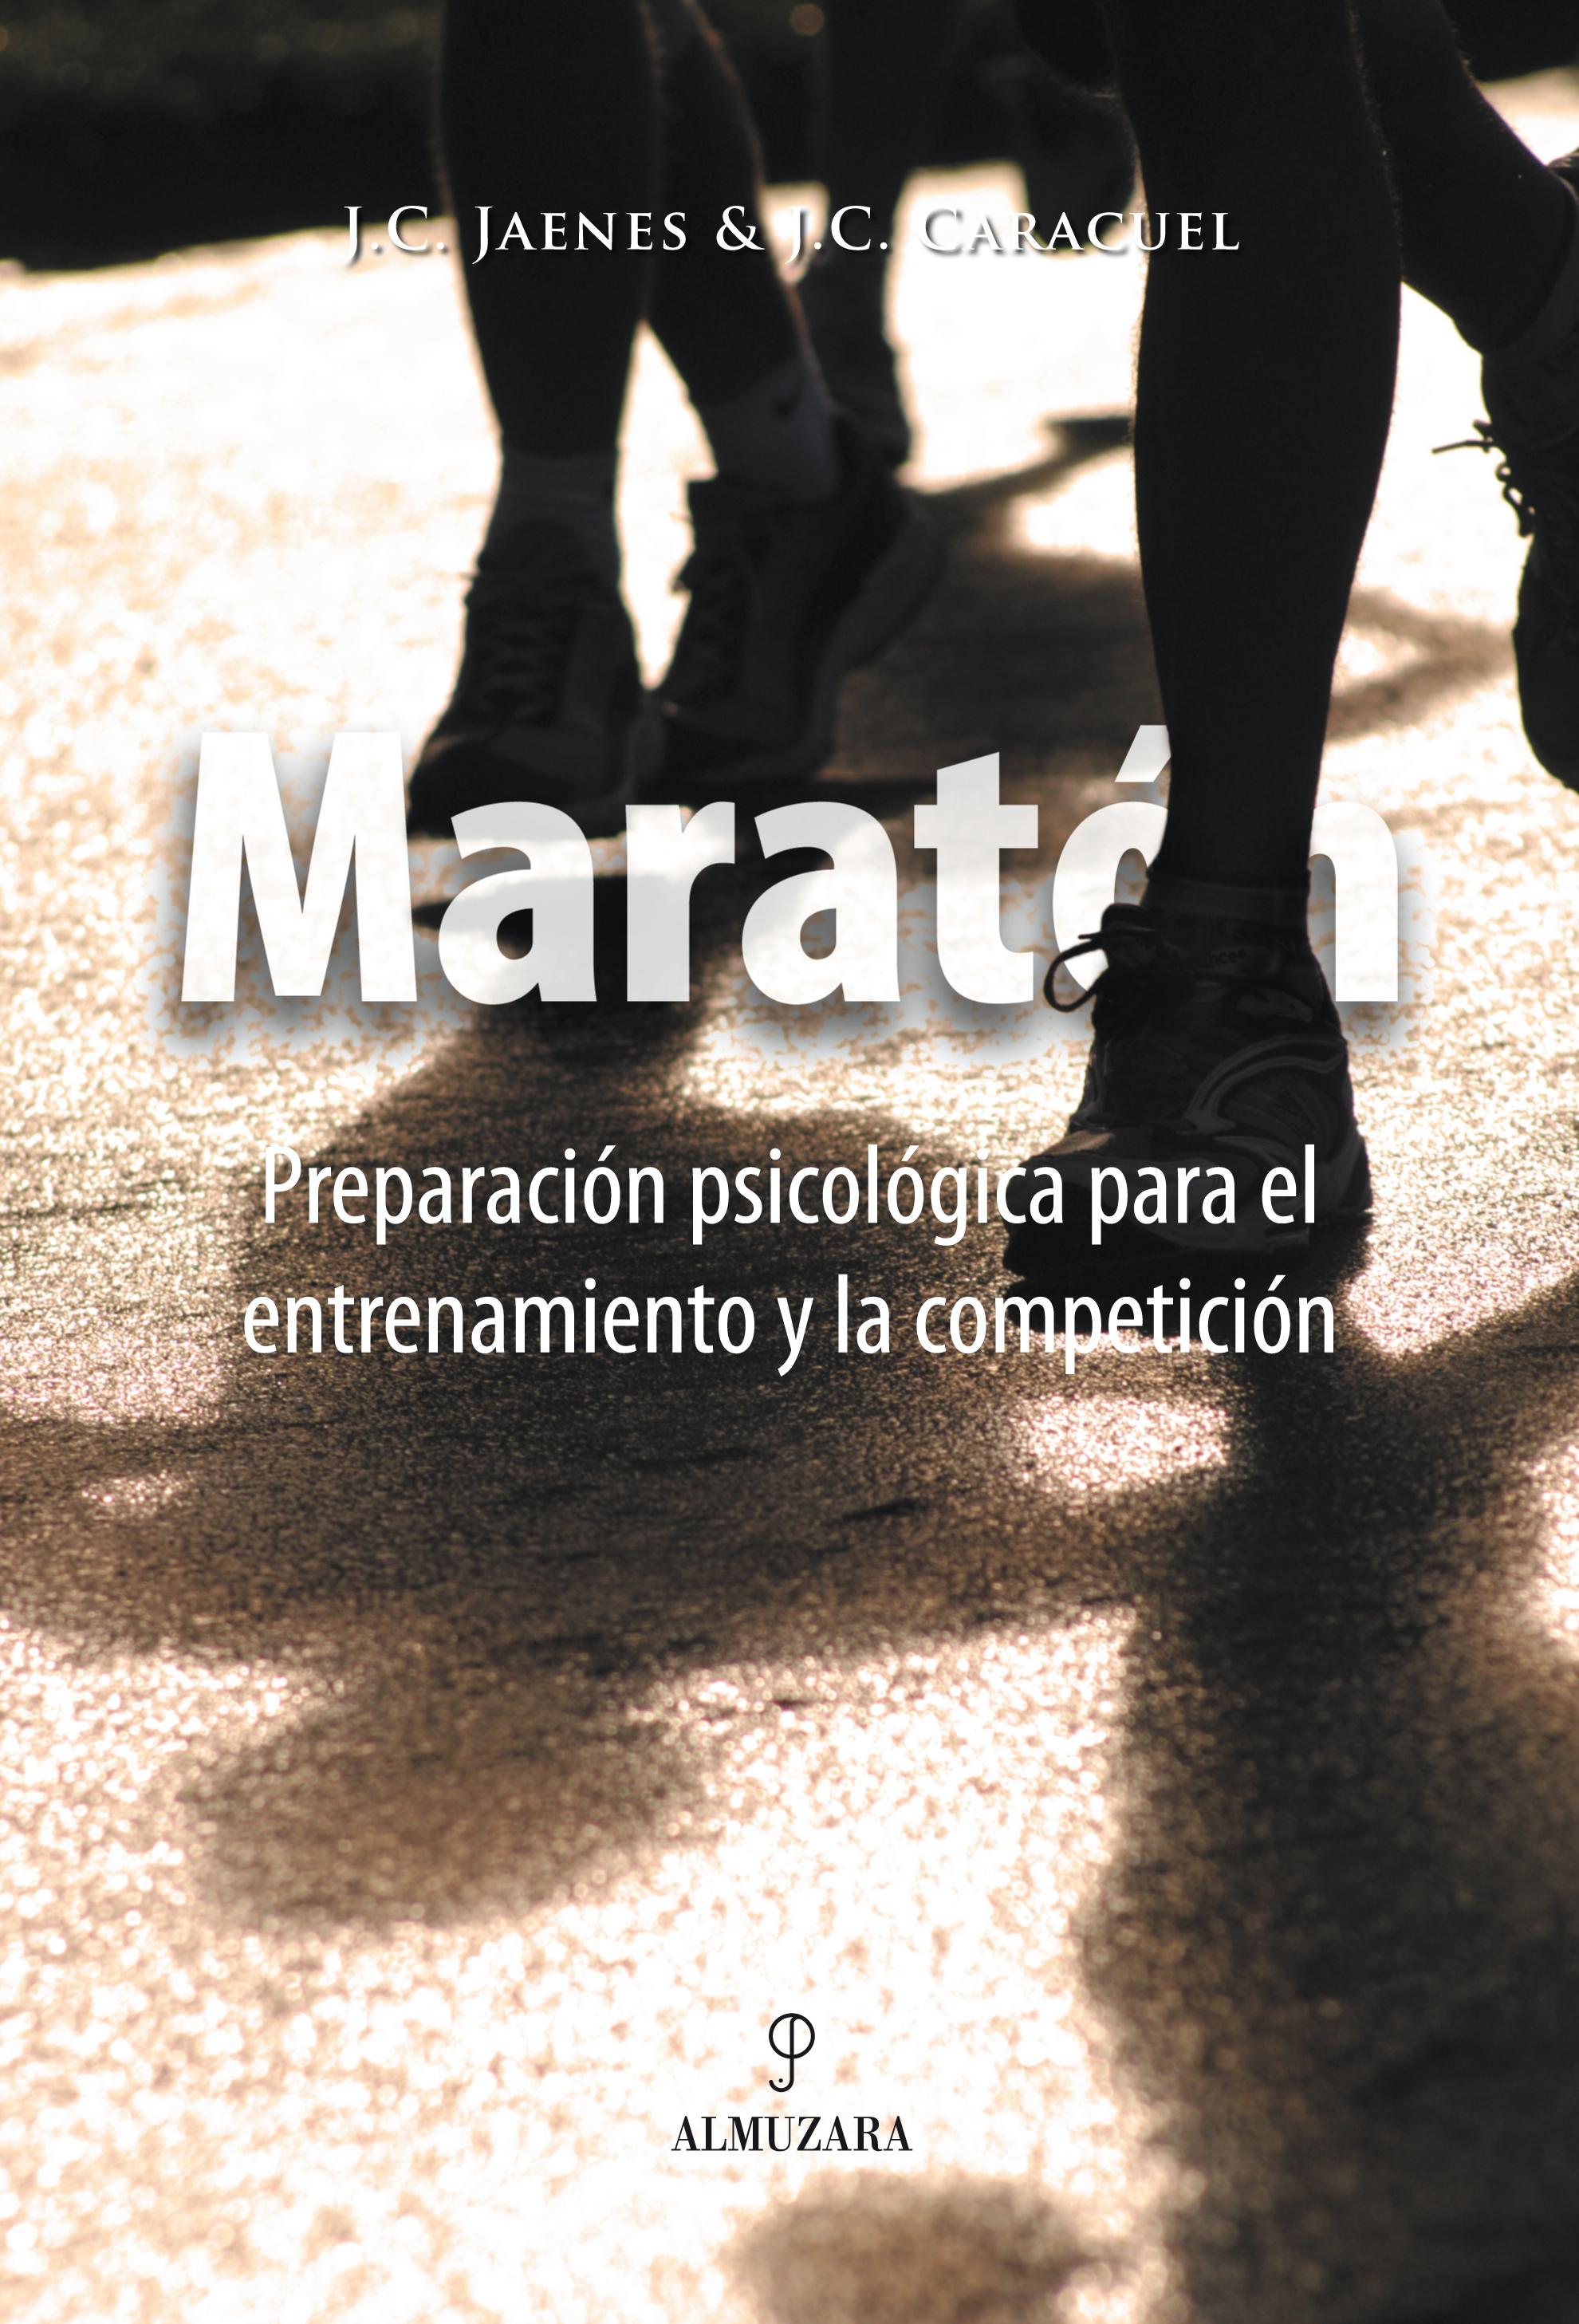 MARATÓN. PREPARACIÓN PSICOLÓGICA PARA EL ENTRENAMIENTO Y LA COMPETICIÓ